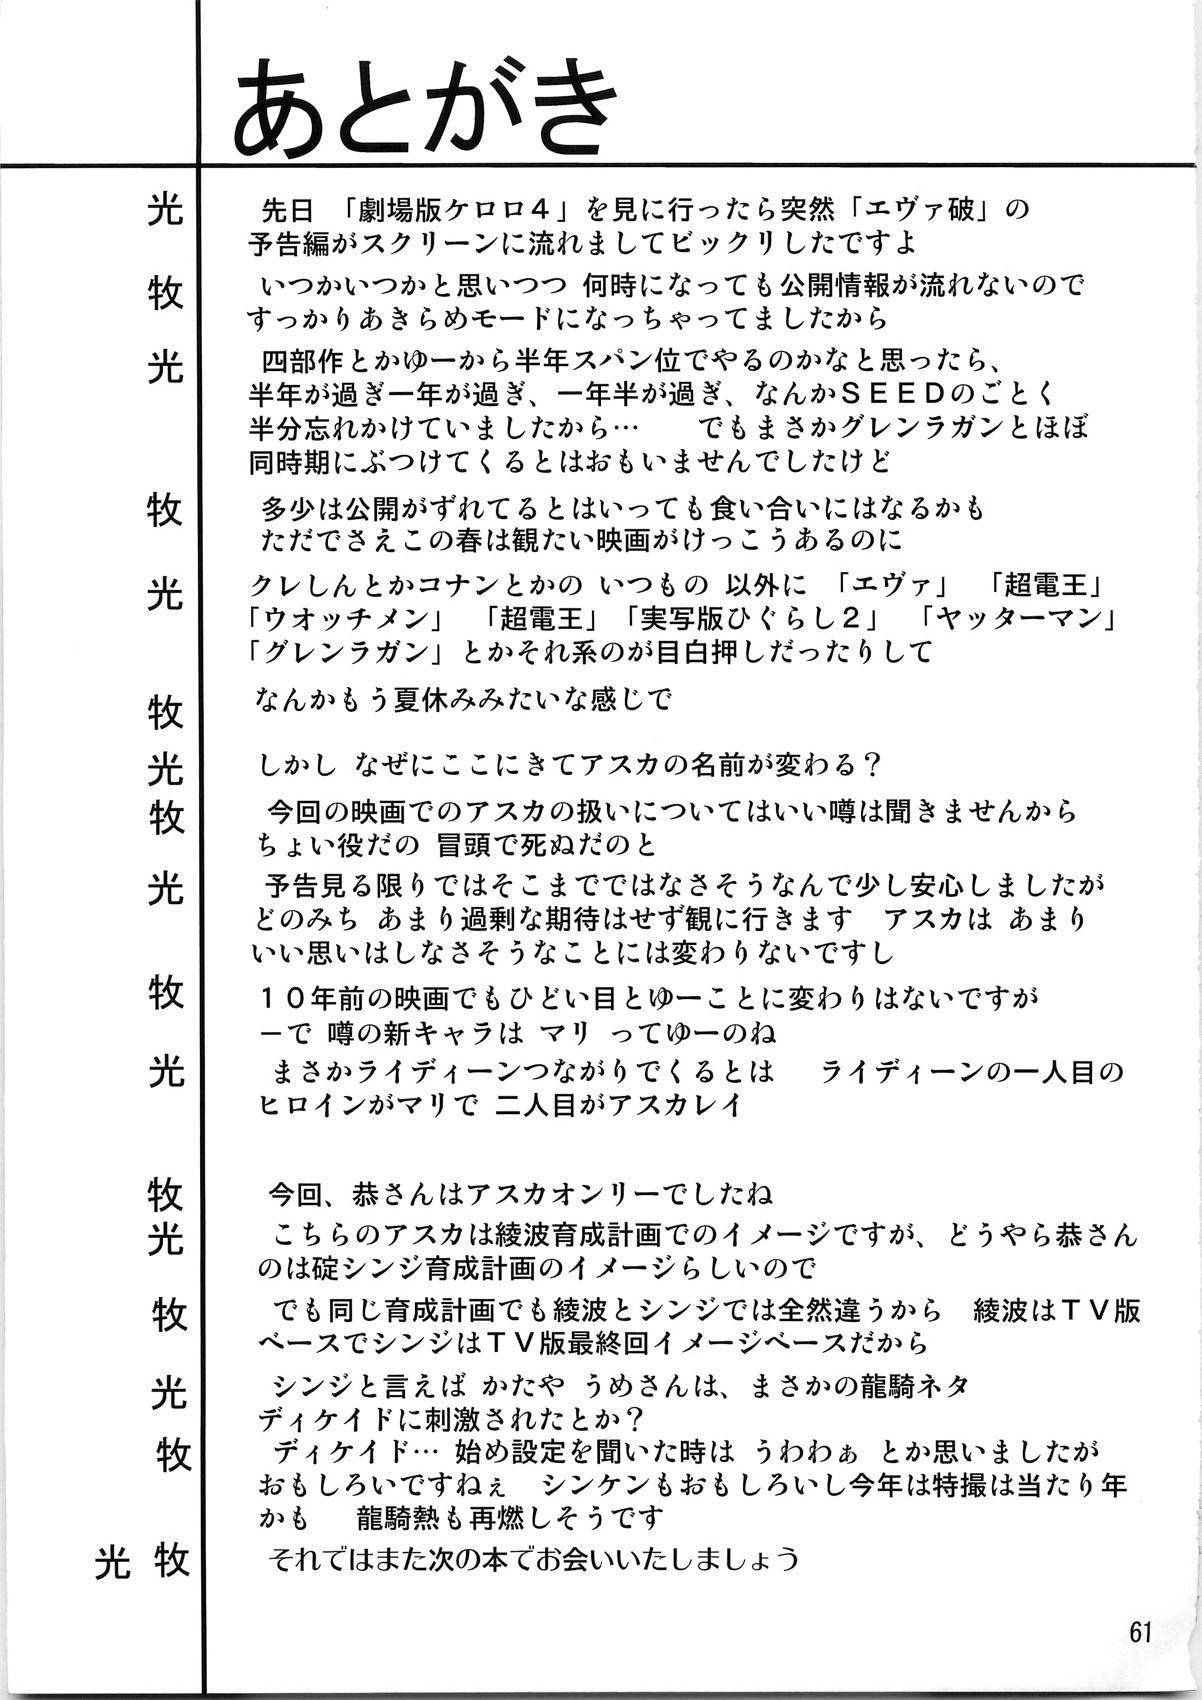 Second Uchuu Keikaku 4 60